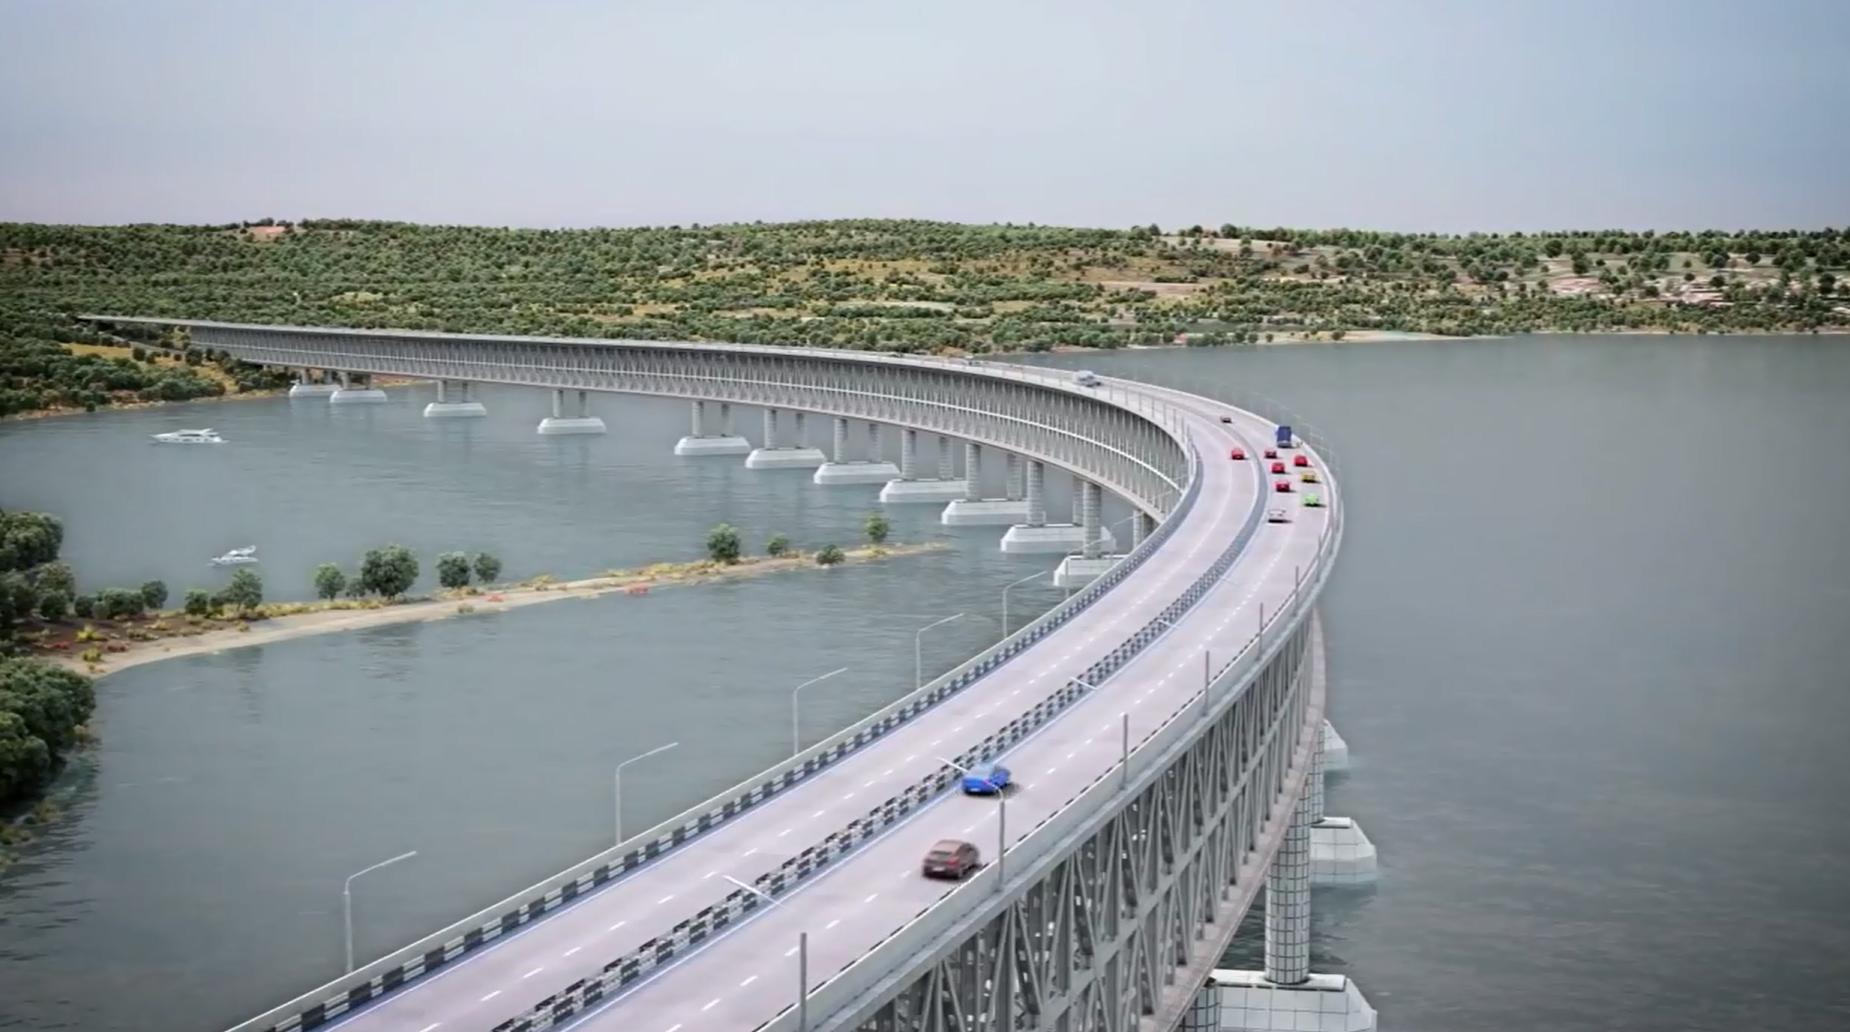 когда откроют крымский мост через керченский пролив